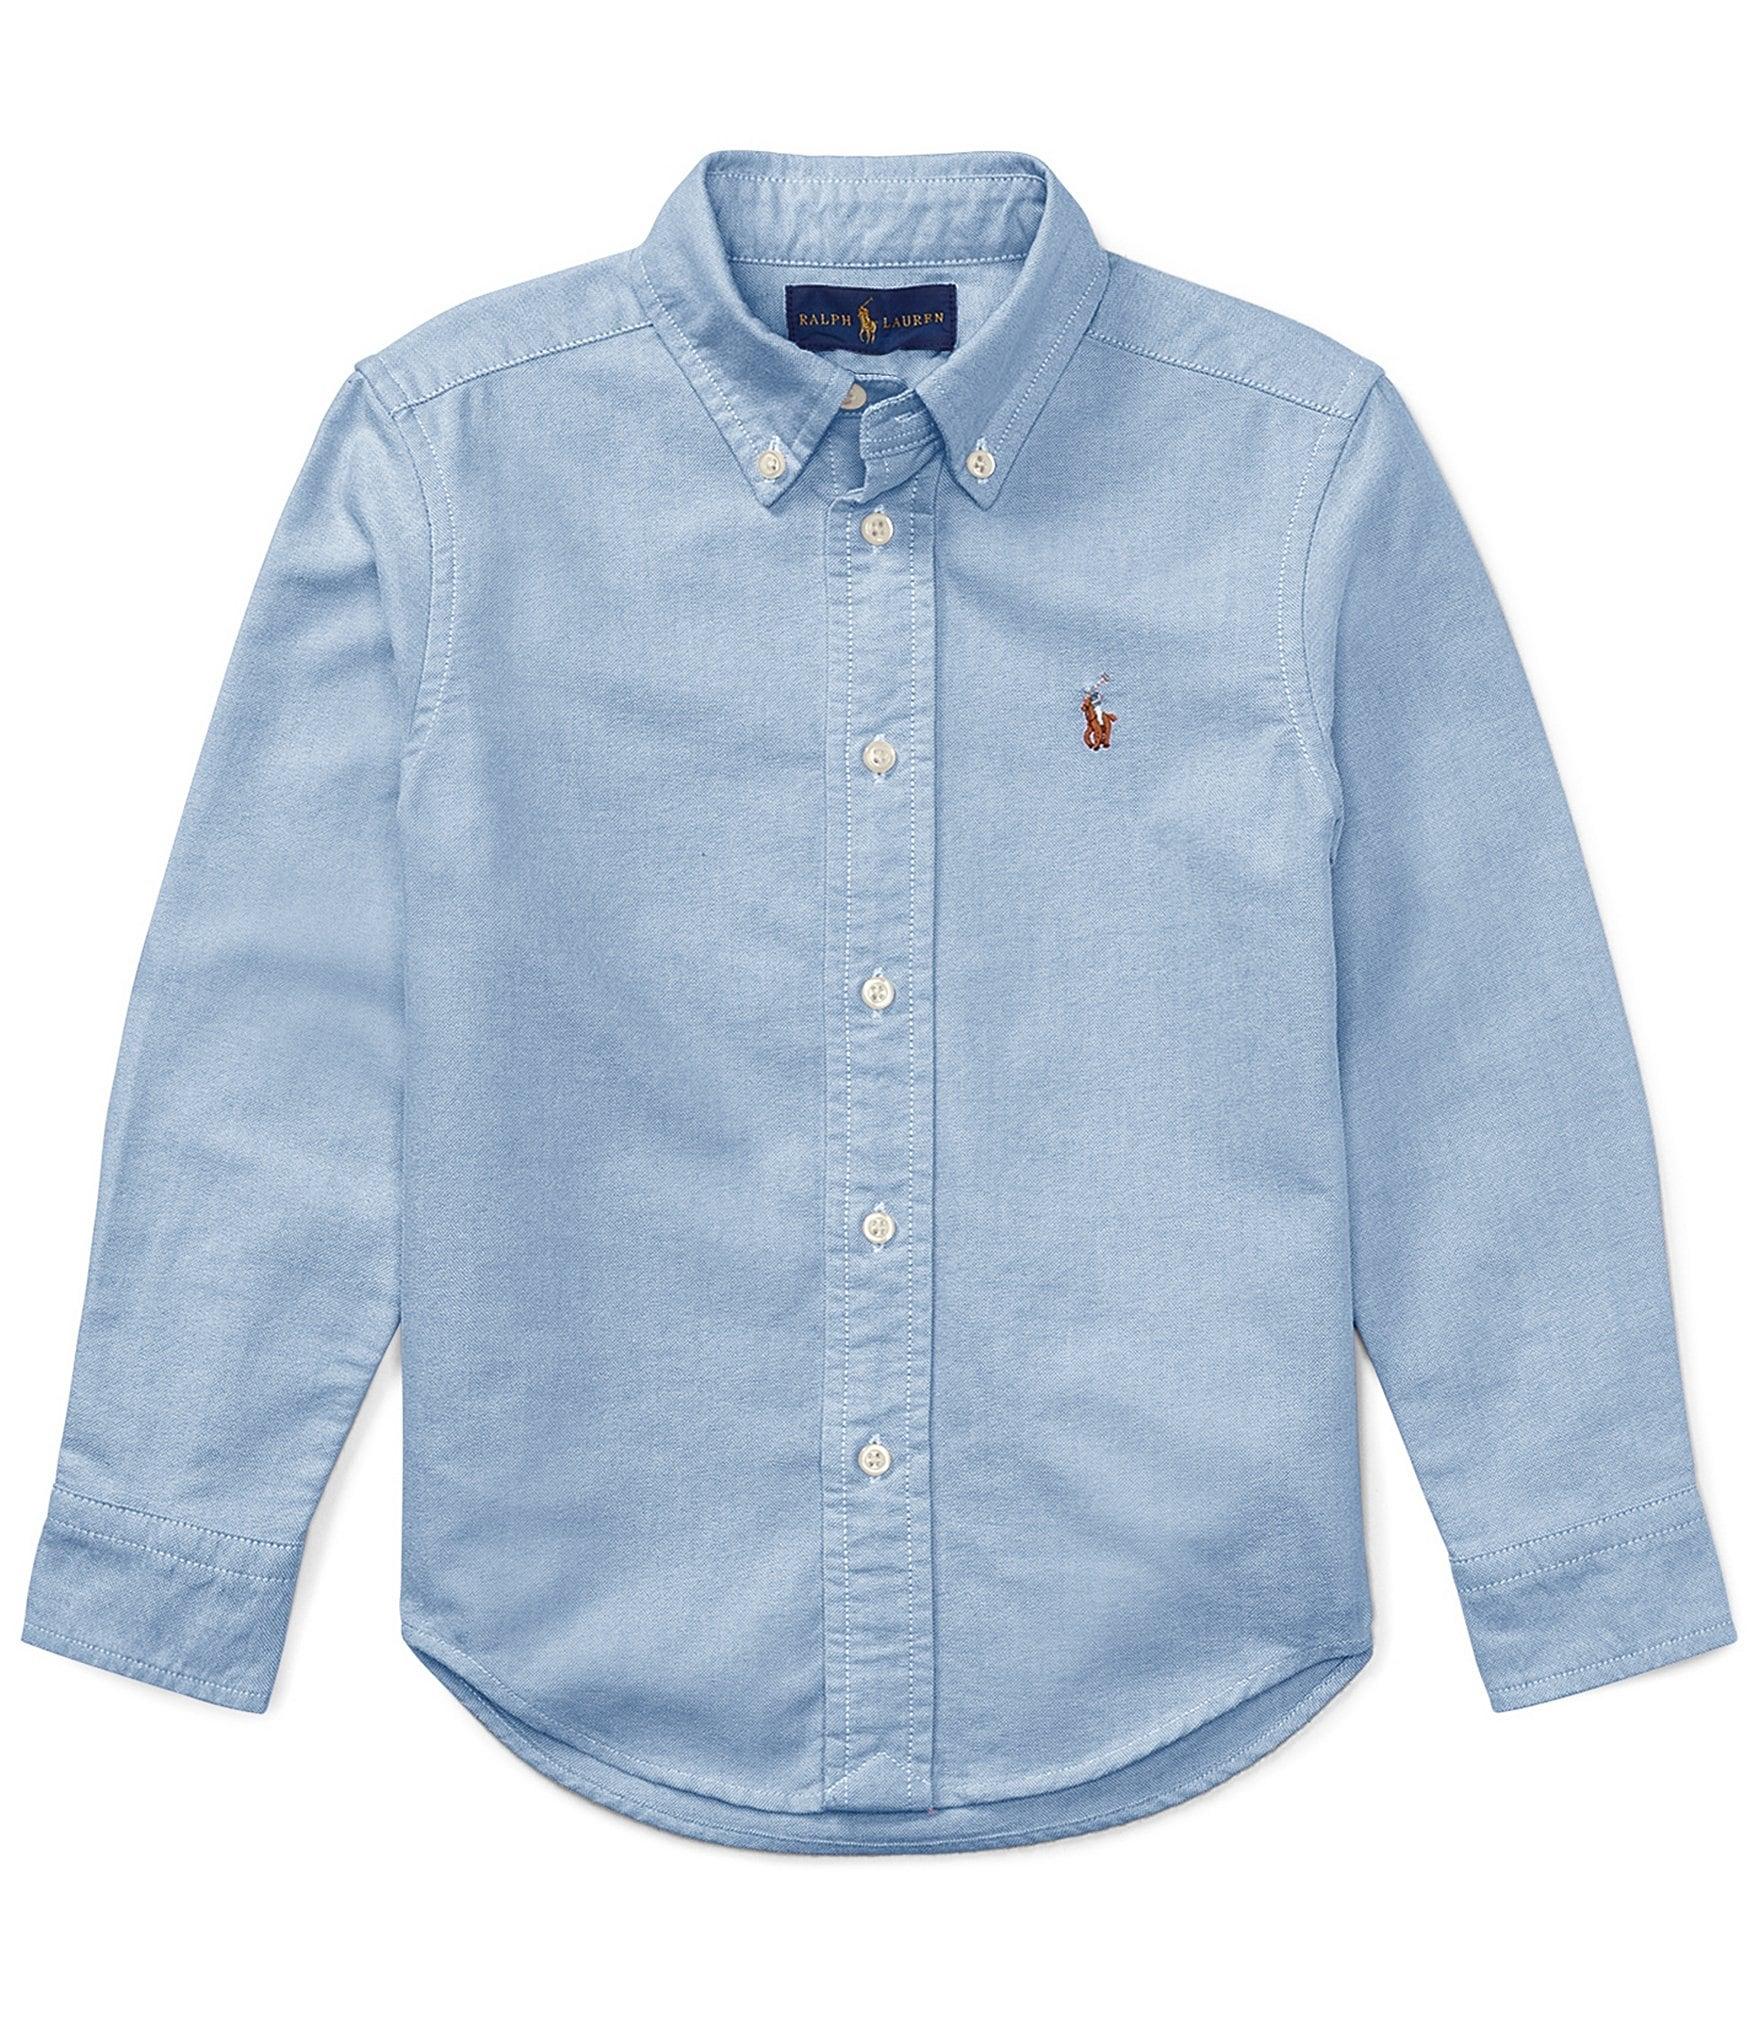 Green//white, Ralph Lauren Little Girls Cotton Buton Down Shirt